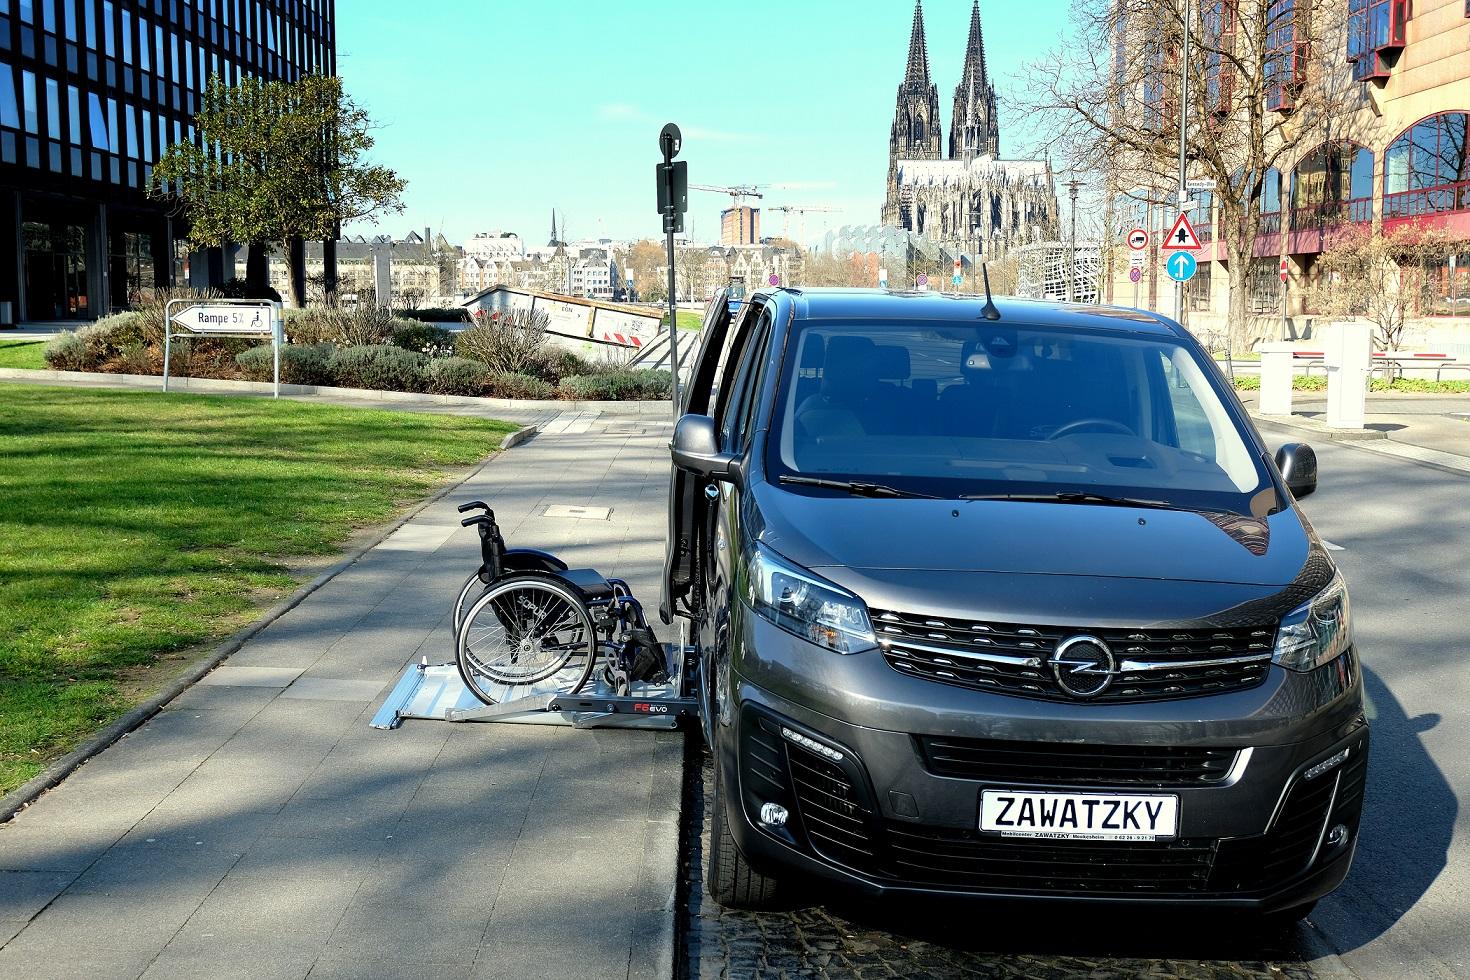 Opel_Zafira_Kassettenlift_web